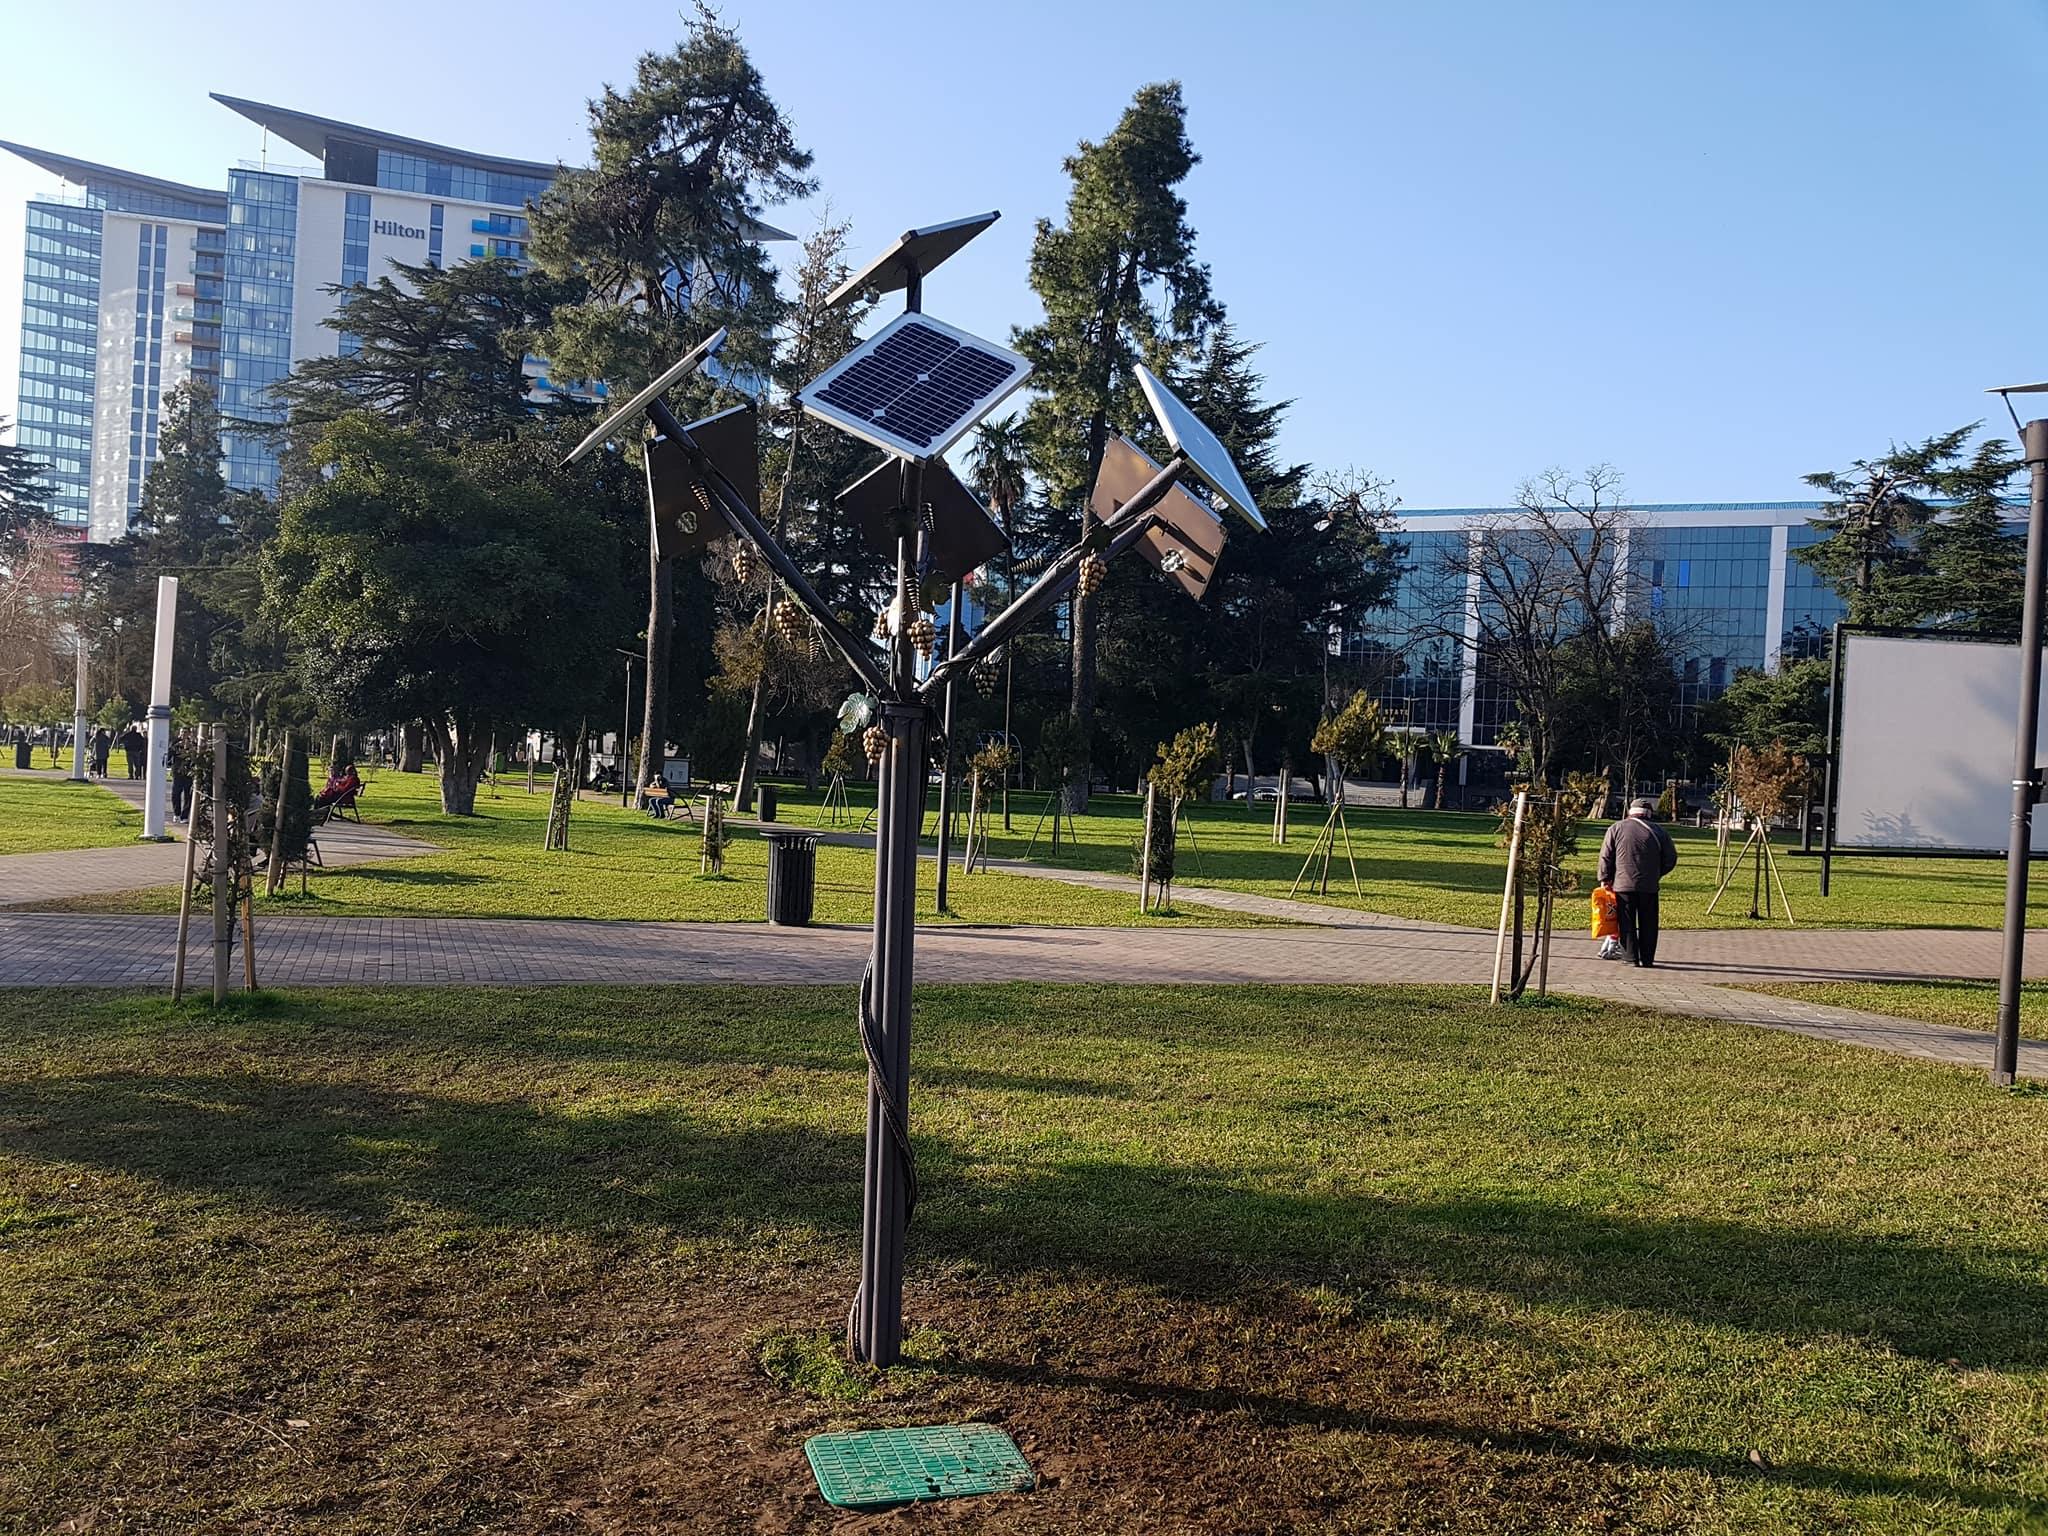 მზის ენერგიაზე მომუშავე განათება (EN)